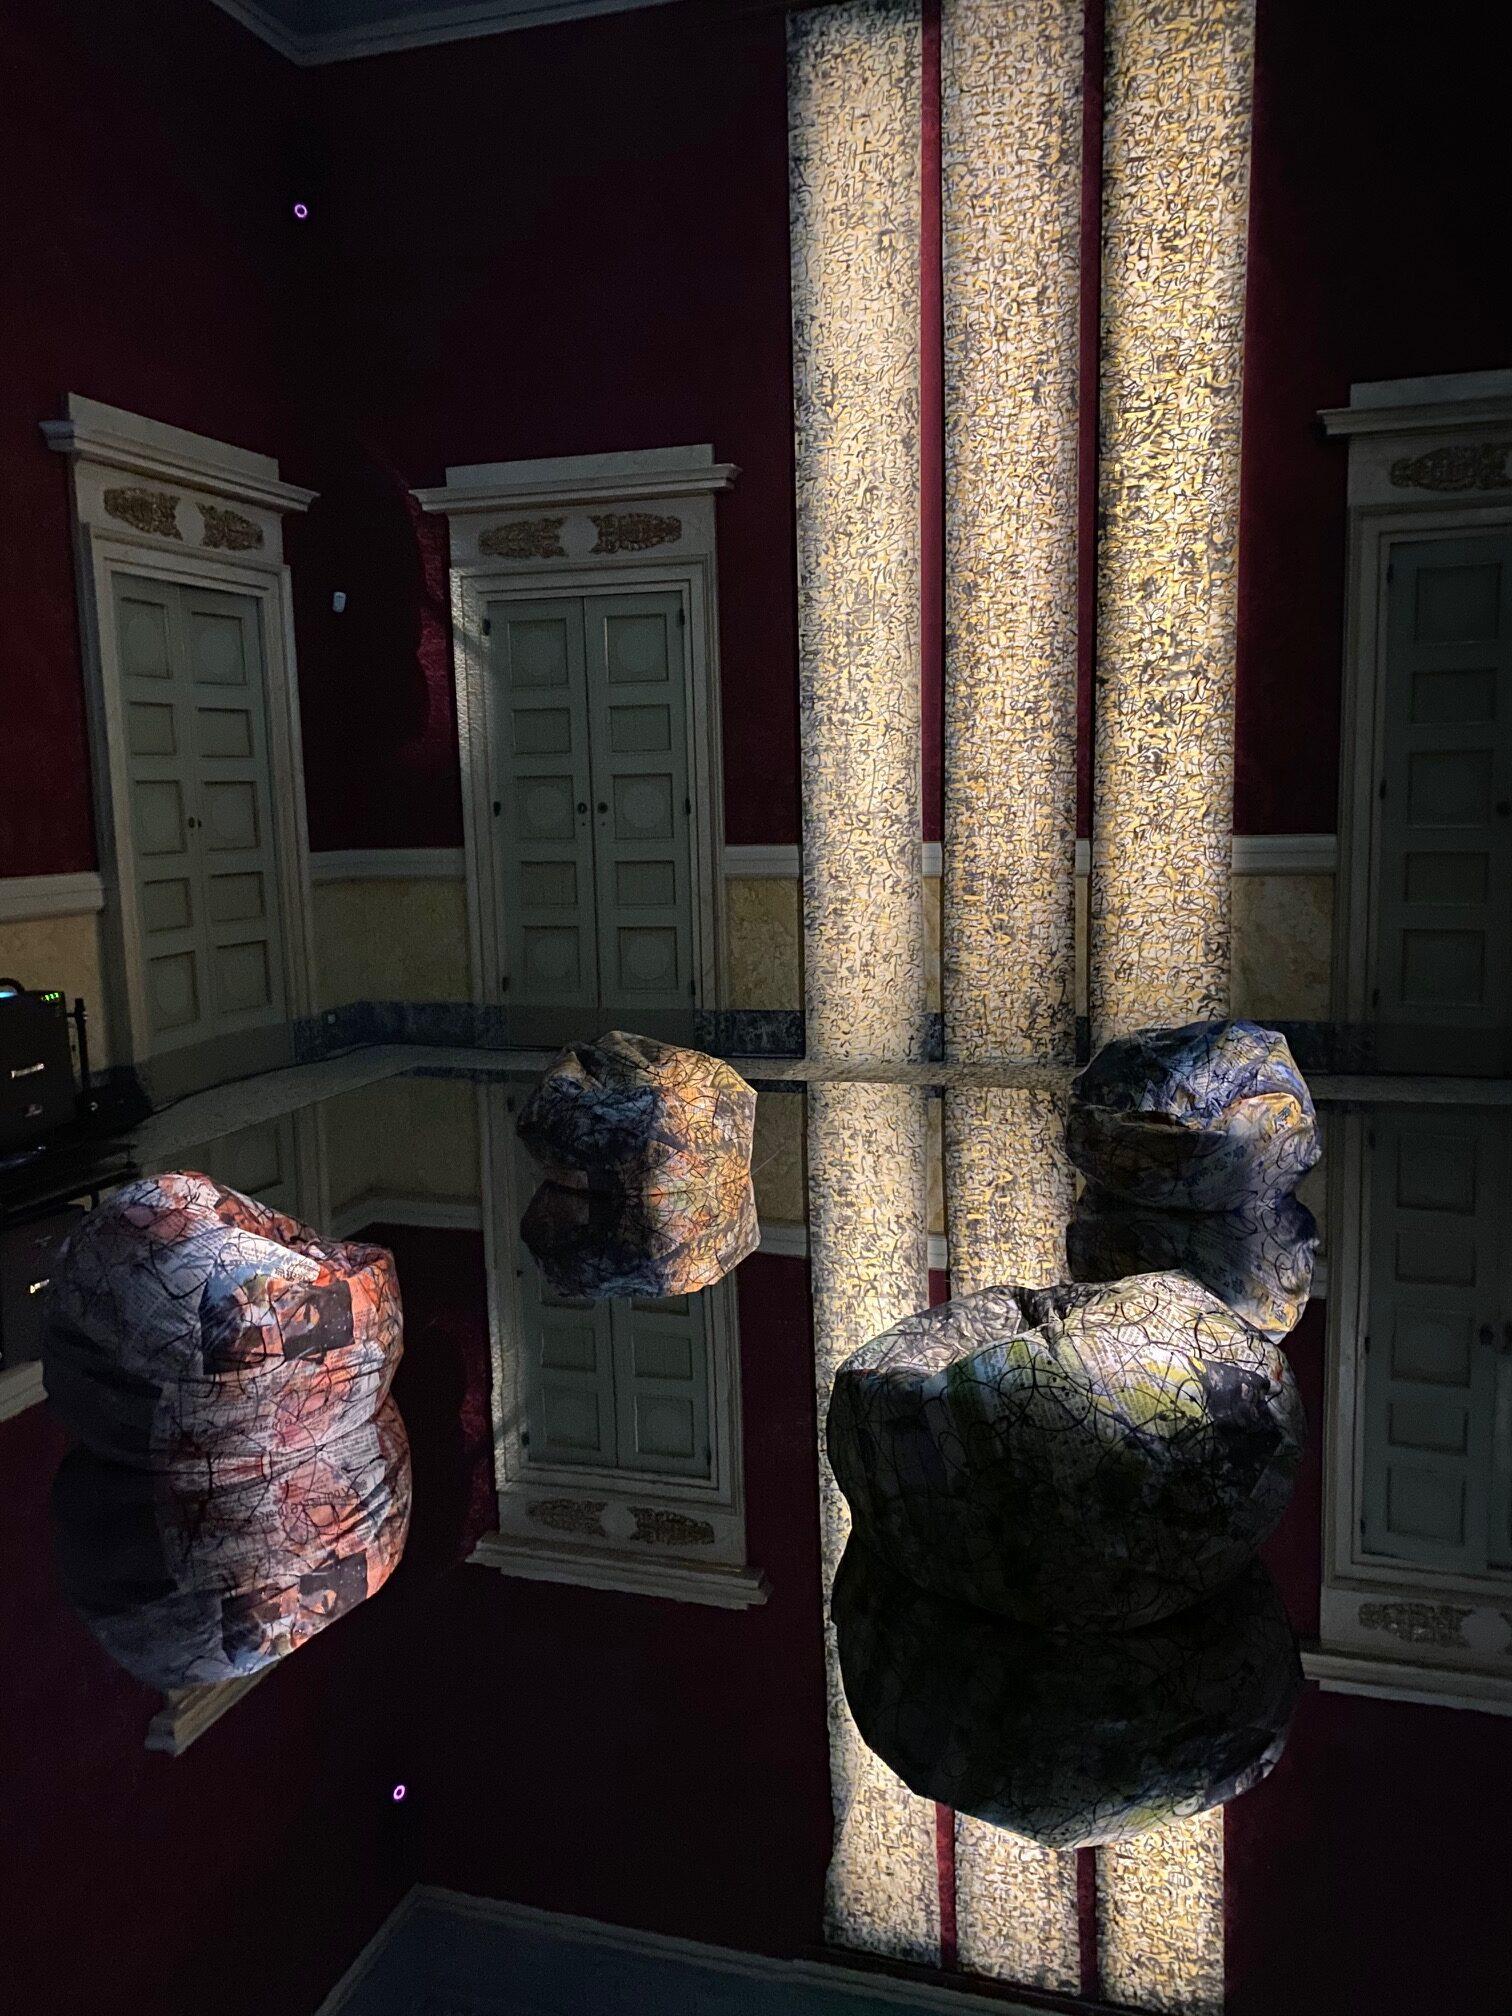 Out of the Blue, Viaggio nella Calligrafia attraverso Alcantara